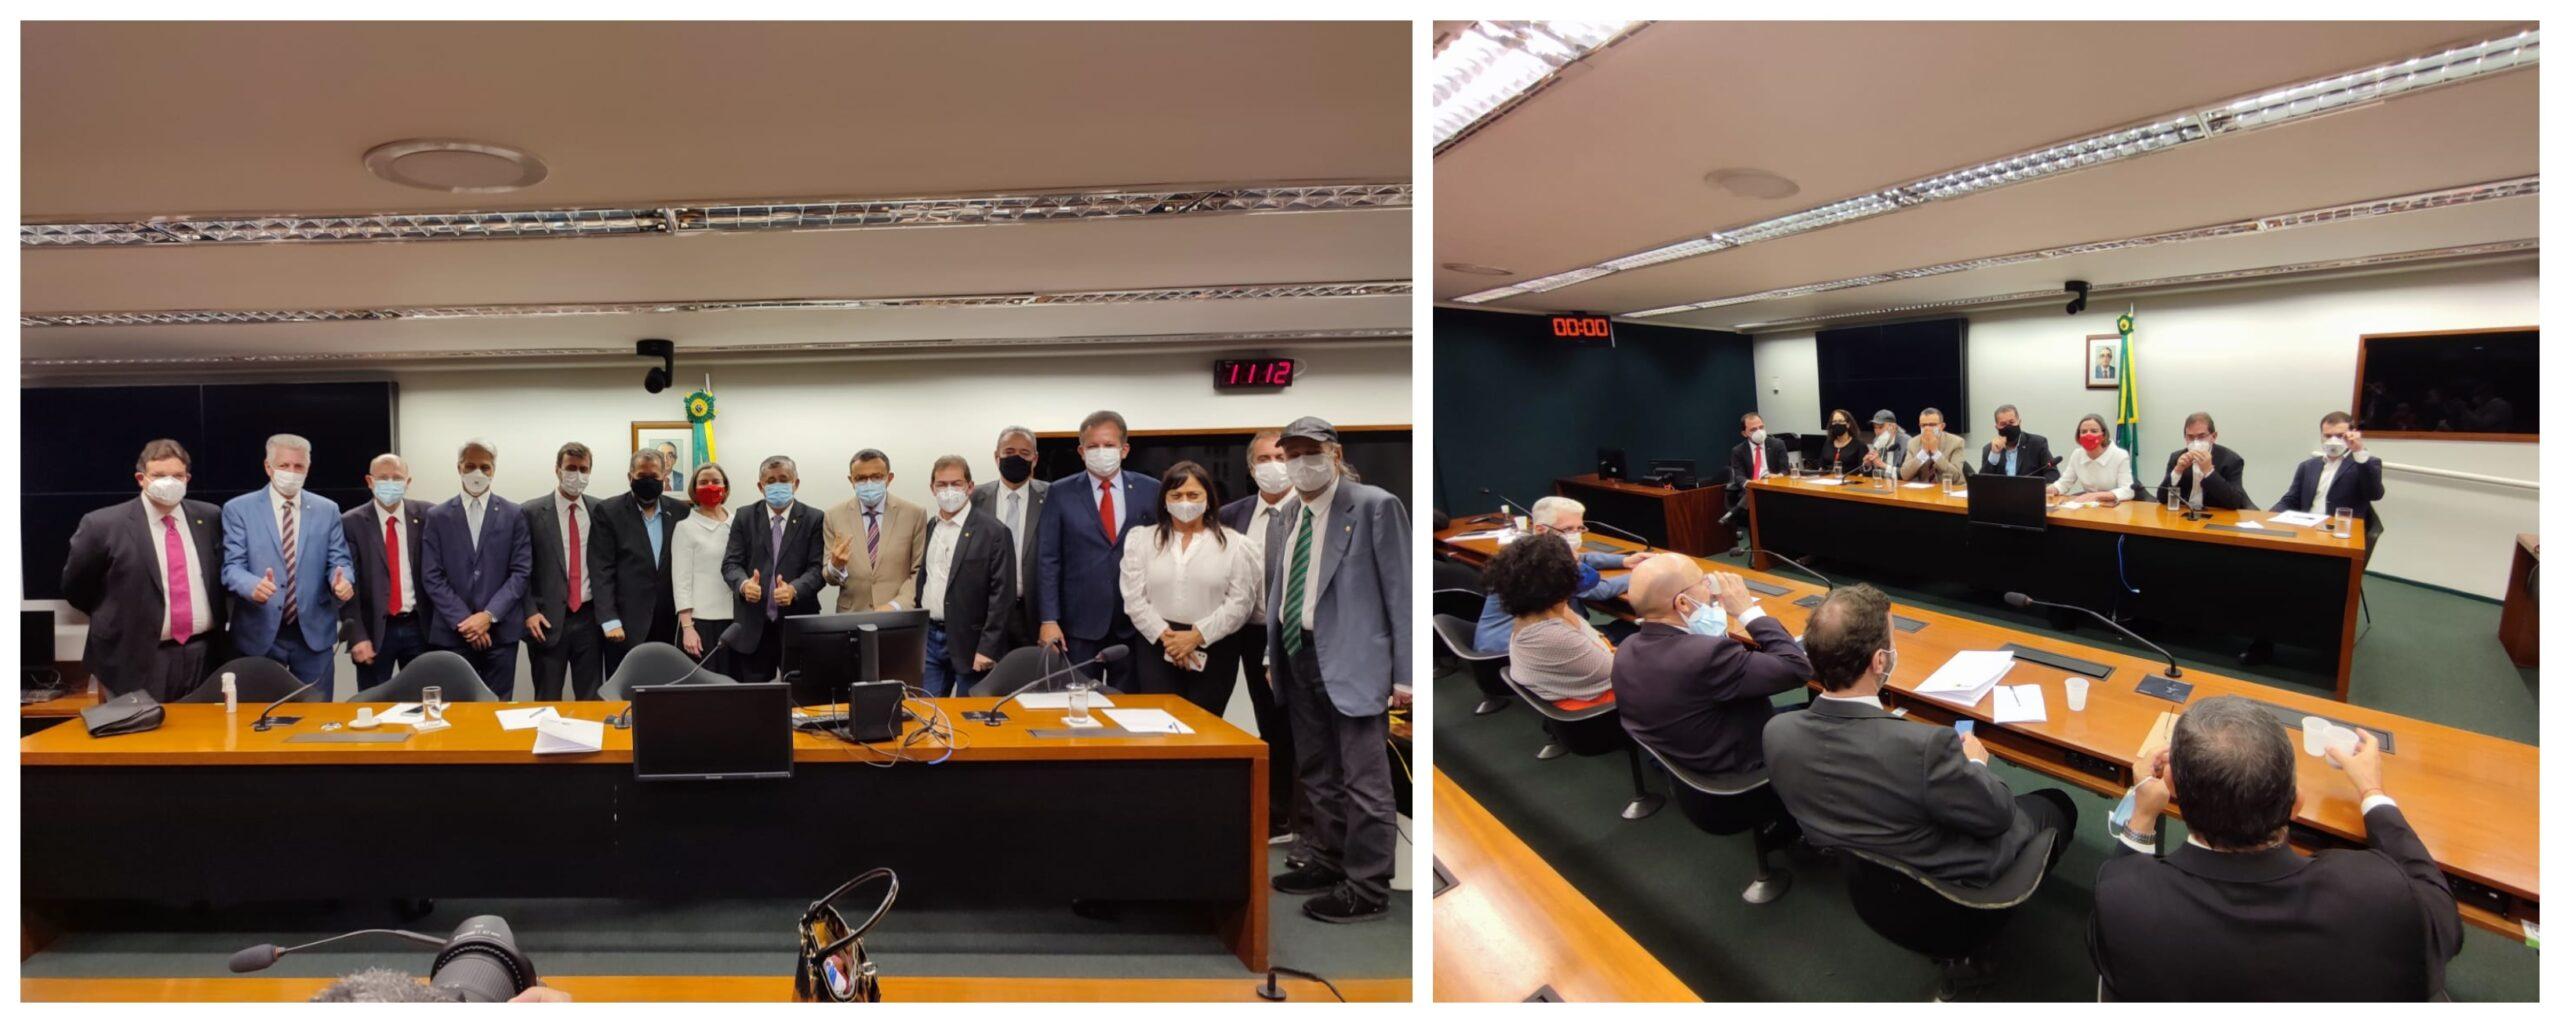 Impeachment: 9 partidos formam comitê e unificam convocação para atos Fora Bolsonaro de 2 de outubro